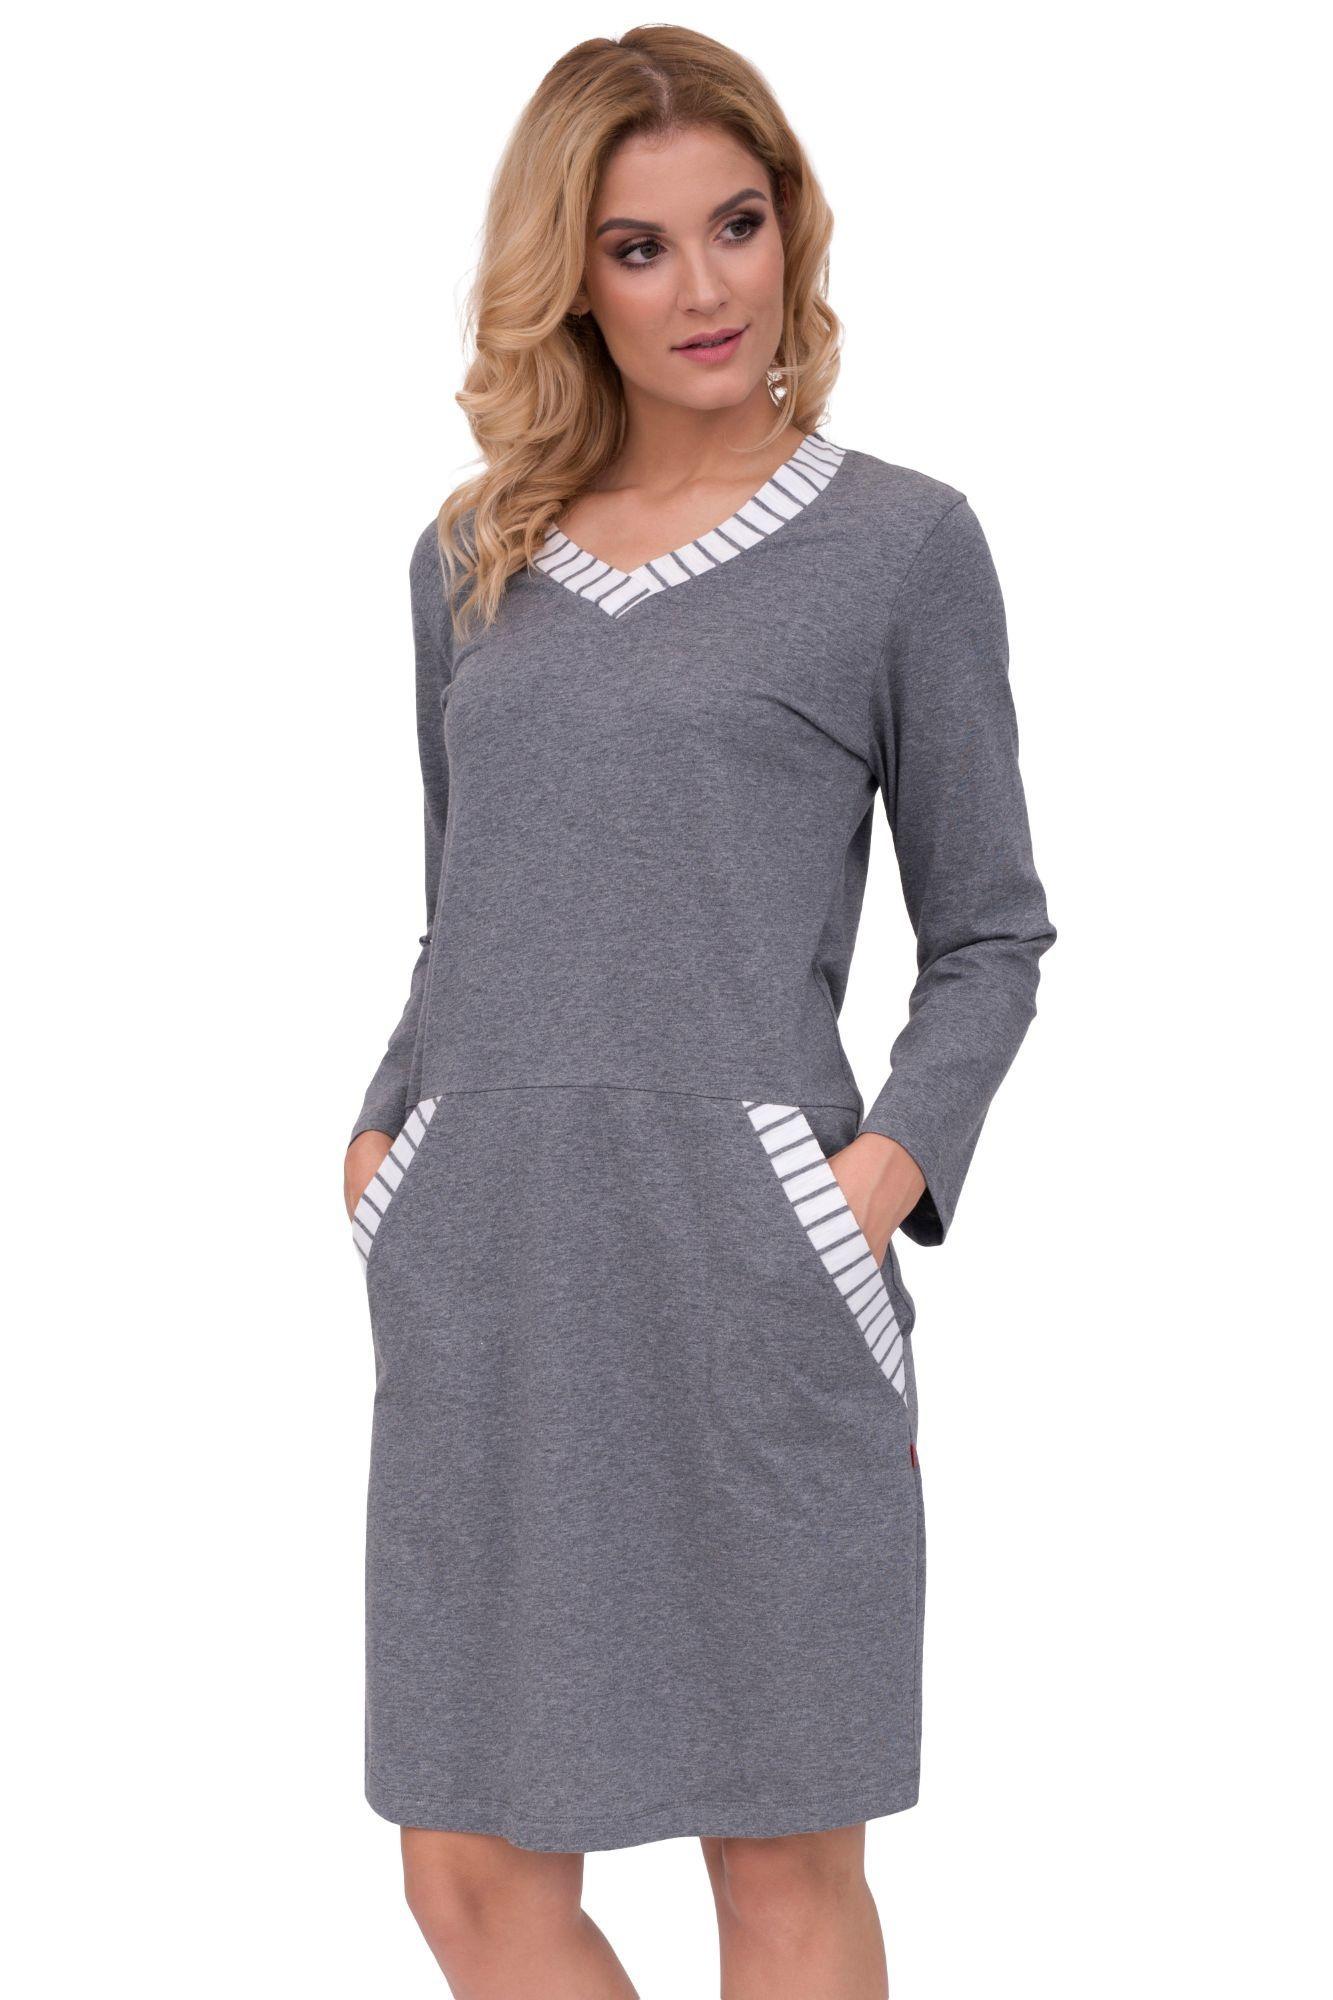 ef9159785 Luxusná nočná košeľa s vreckami Lucie sivá - ELEGANT.sk